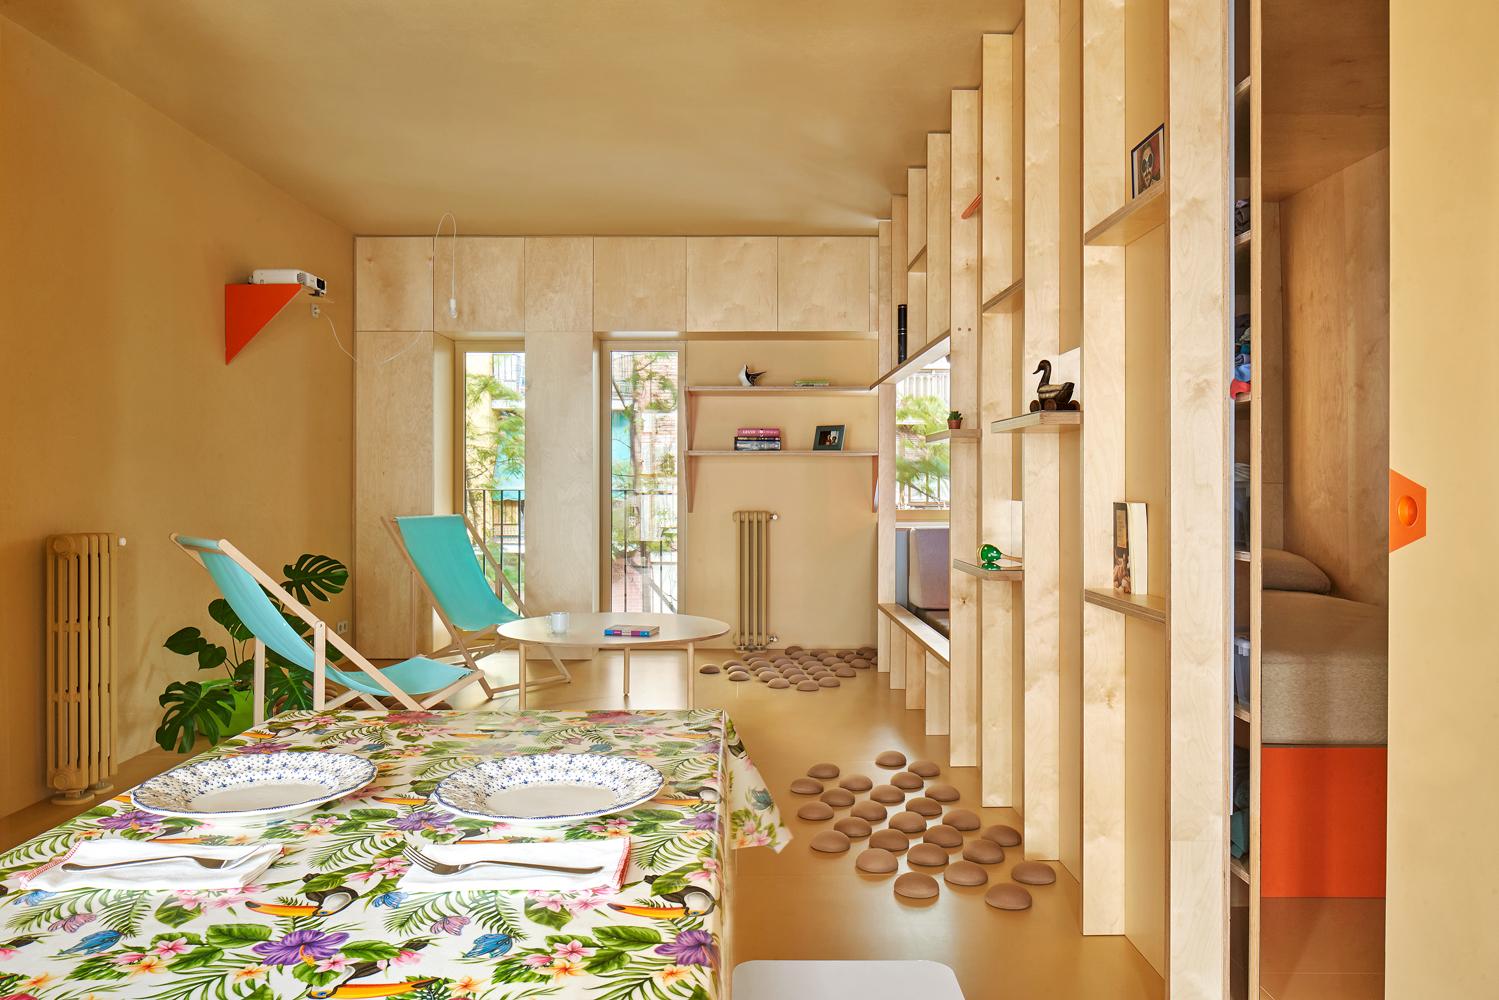 Plywood interior design